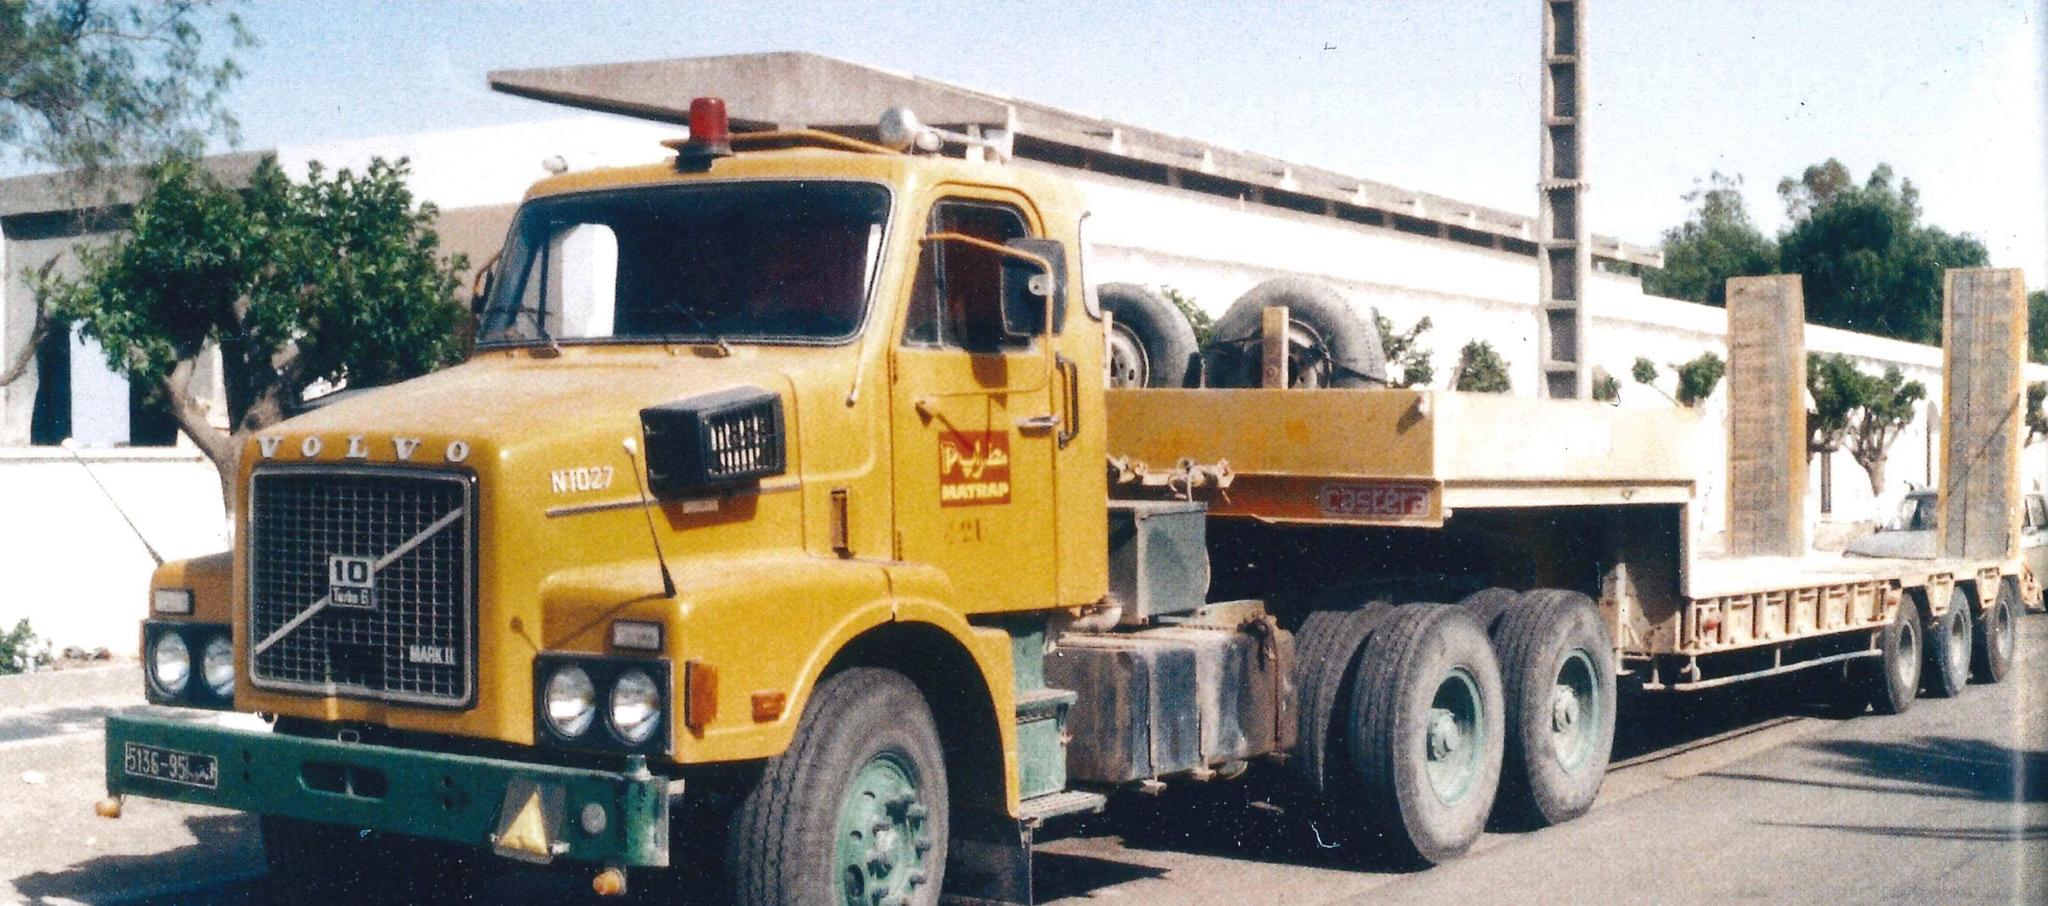 Transport Routier au Maroc - Histoire - Page 2 49787580512_b4e640f2af_o_d